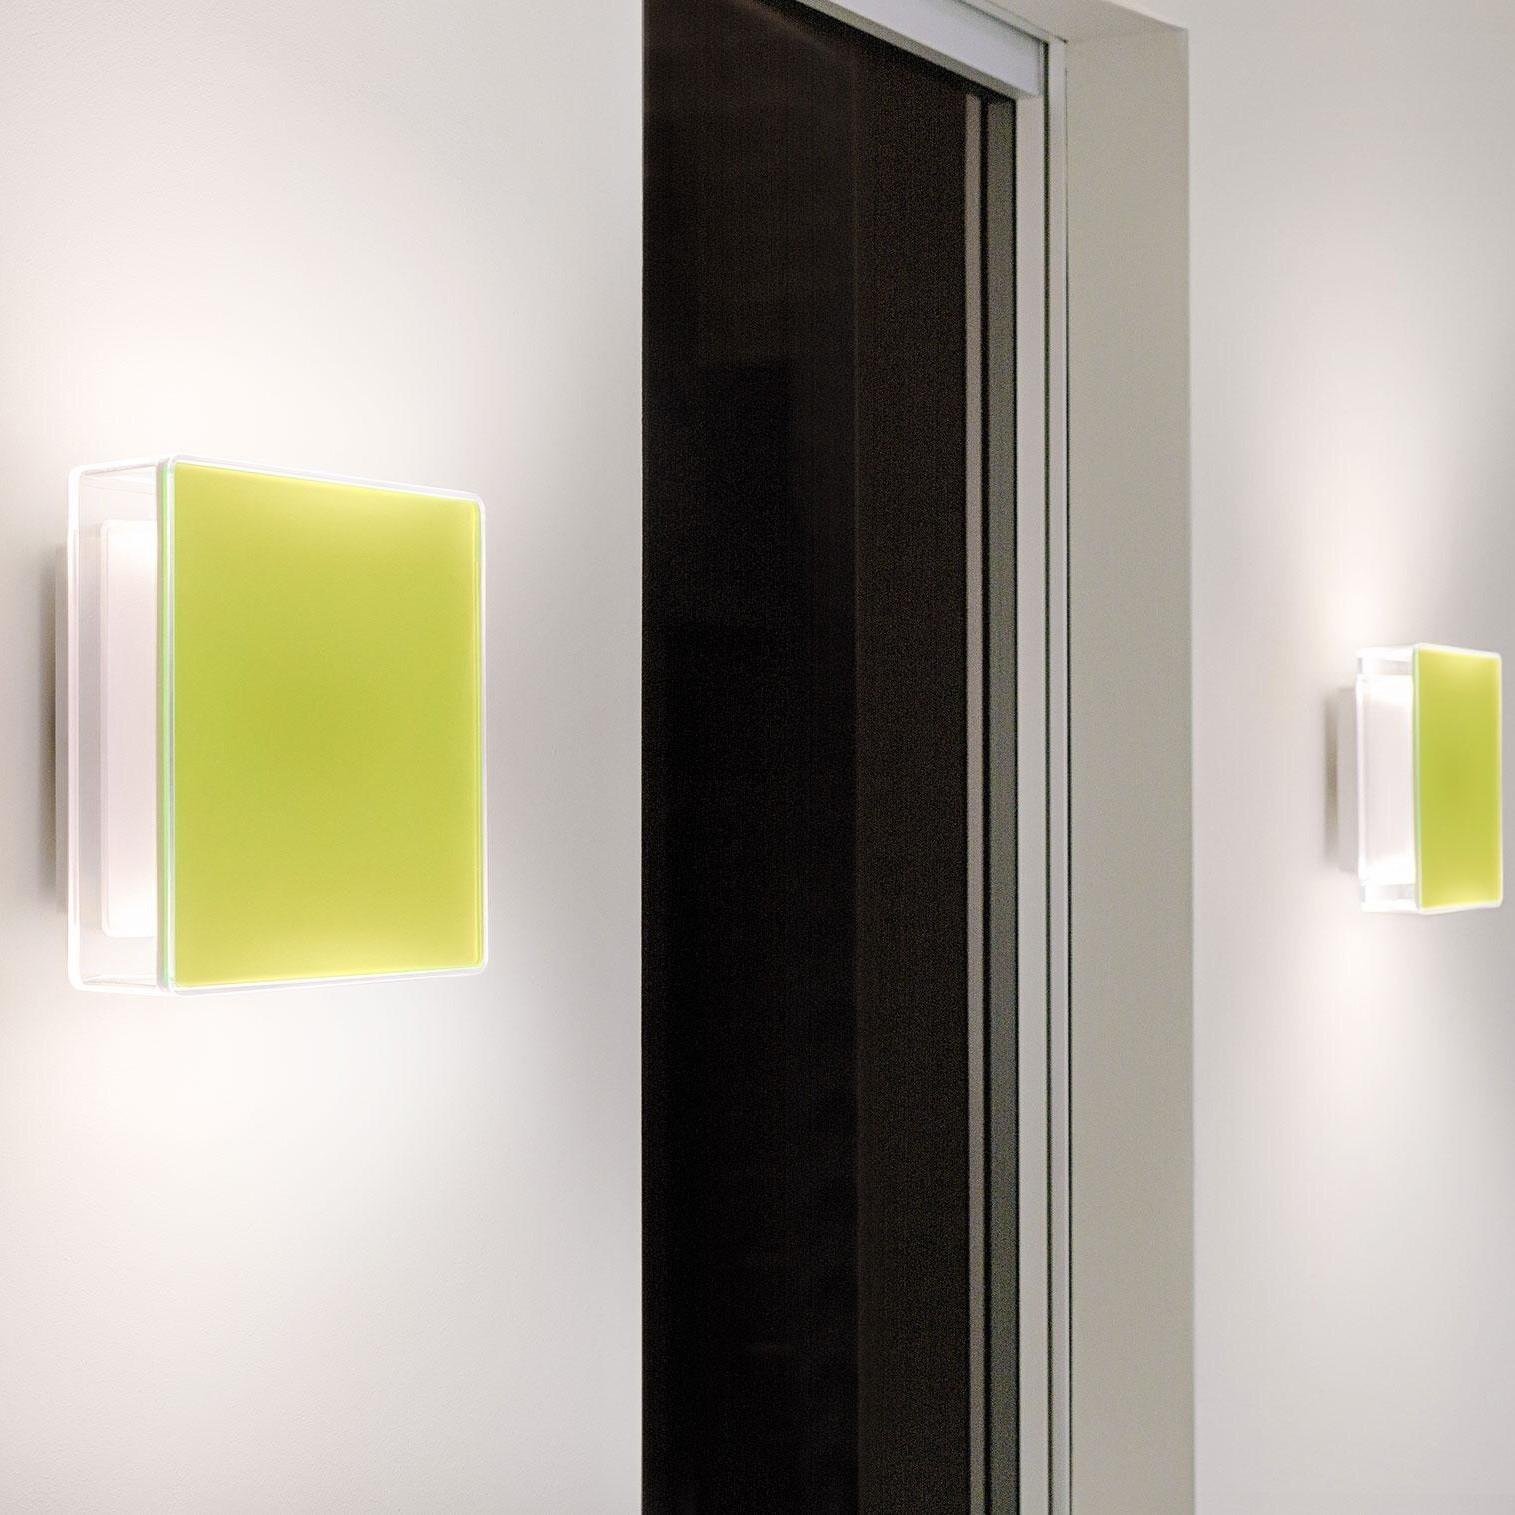 Serien_App-Wall-LED-Wandleuchte_1515x1515-ID1123183-95238f8a2b11e057b0d09c260138f29c